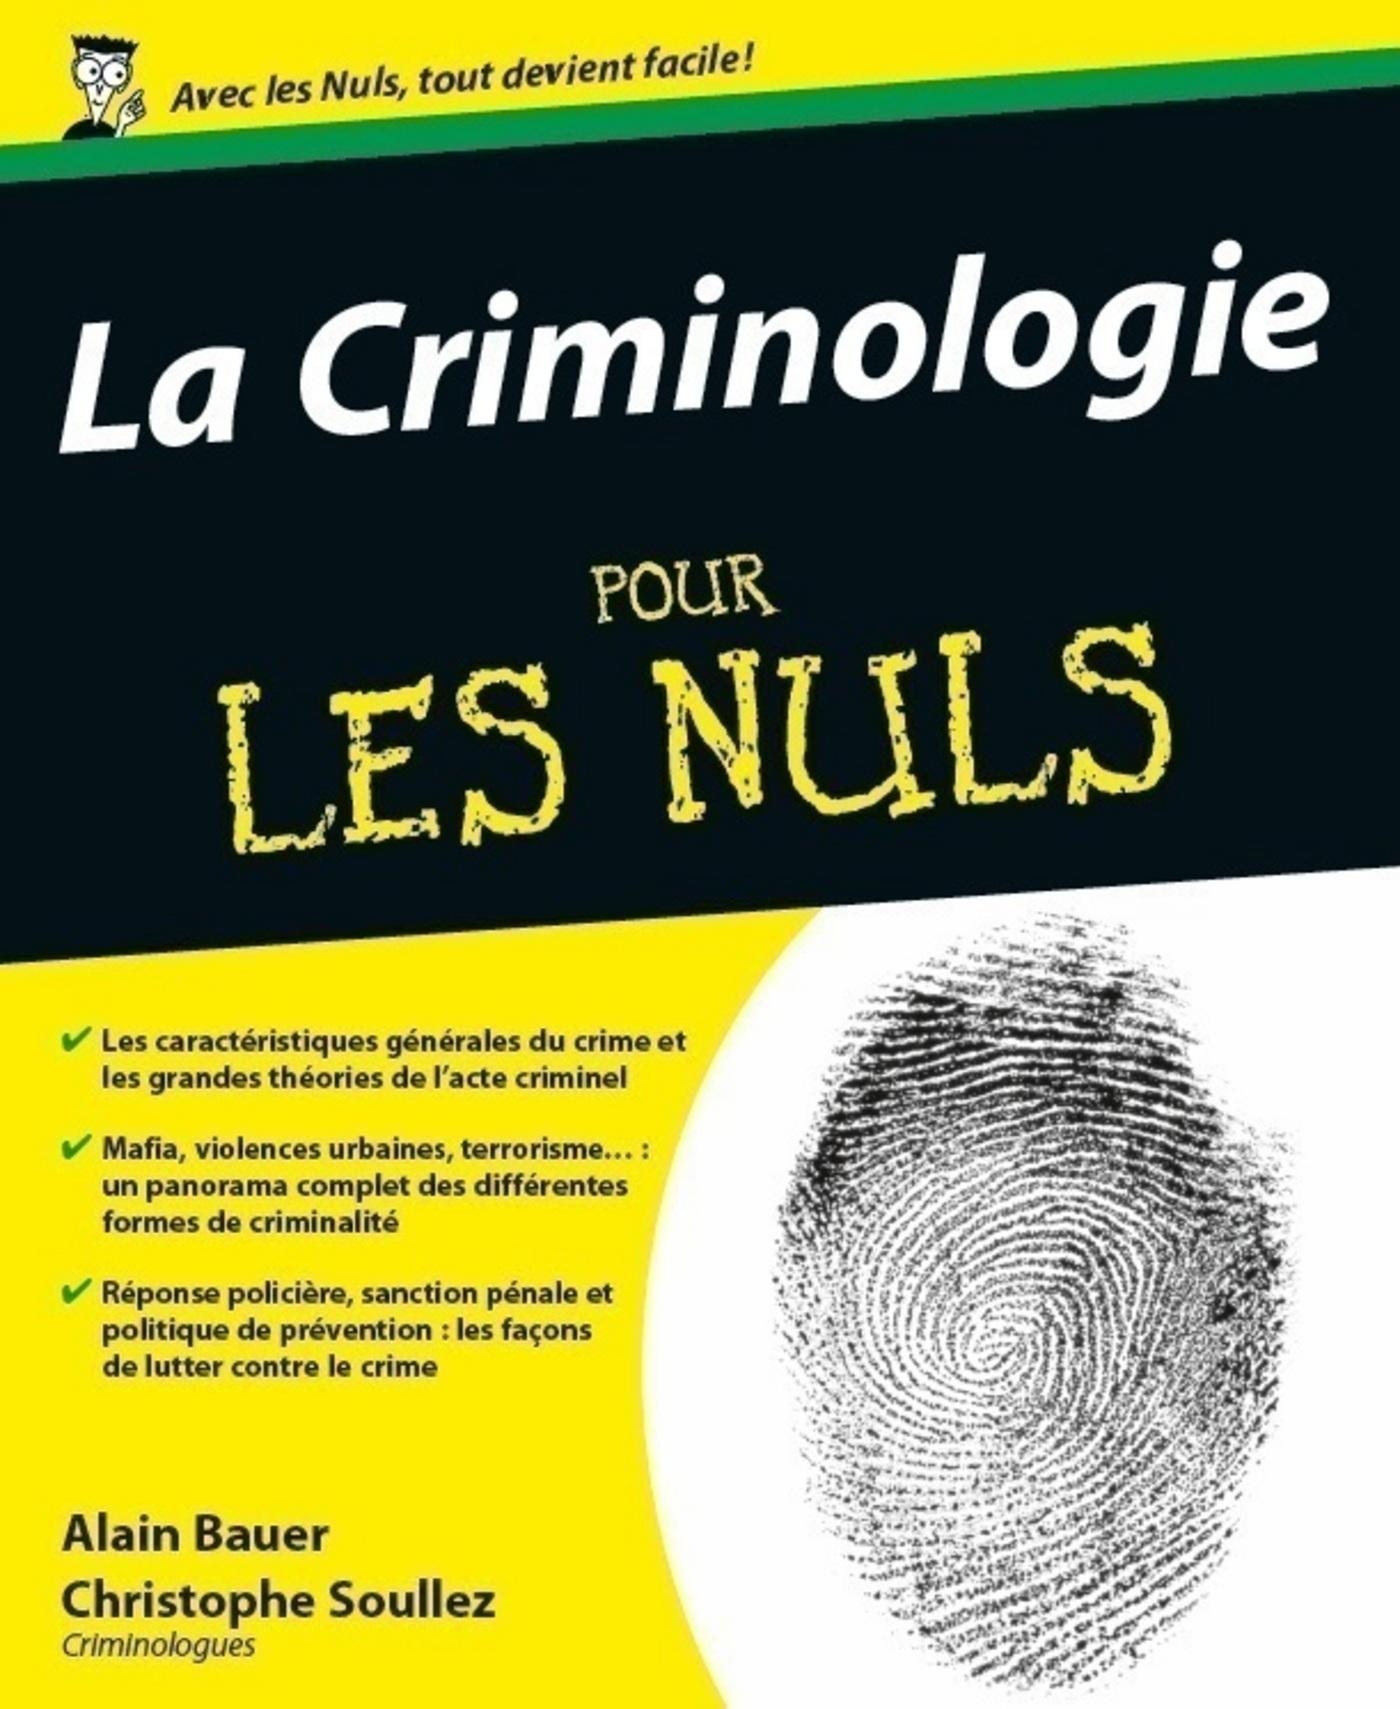 Criminologie Pour les nuls (La)